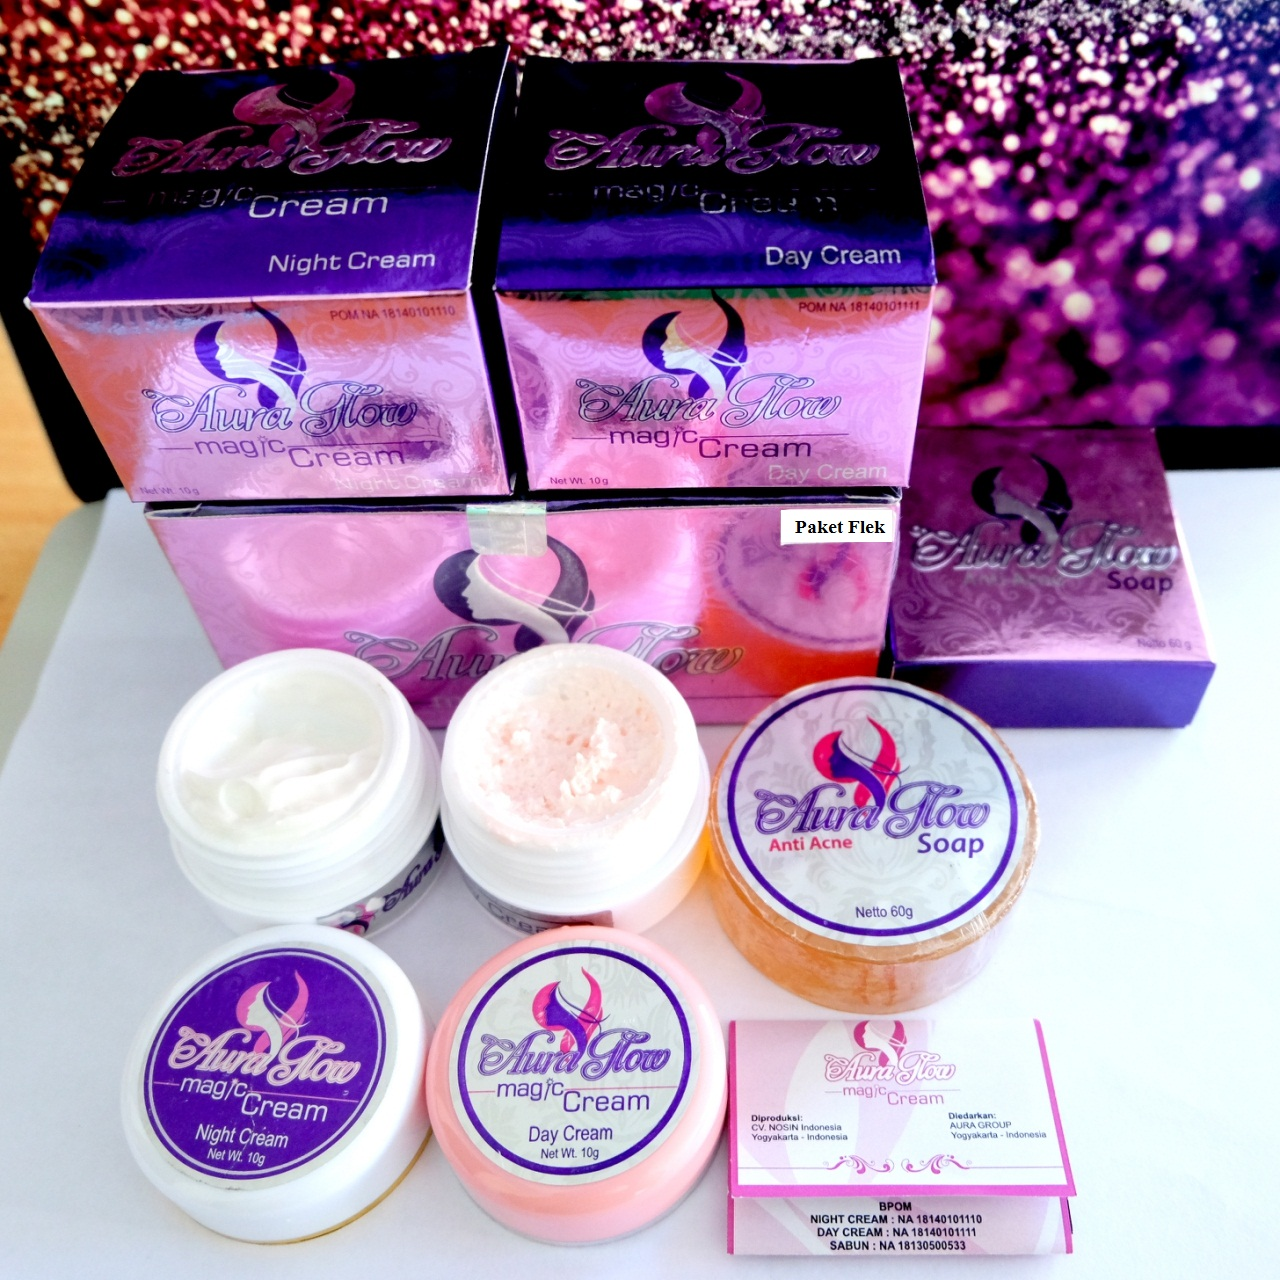 Cream Aura Glow Paket Flek BPOM